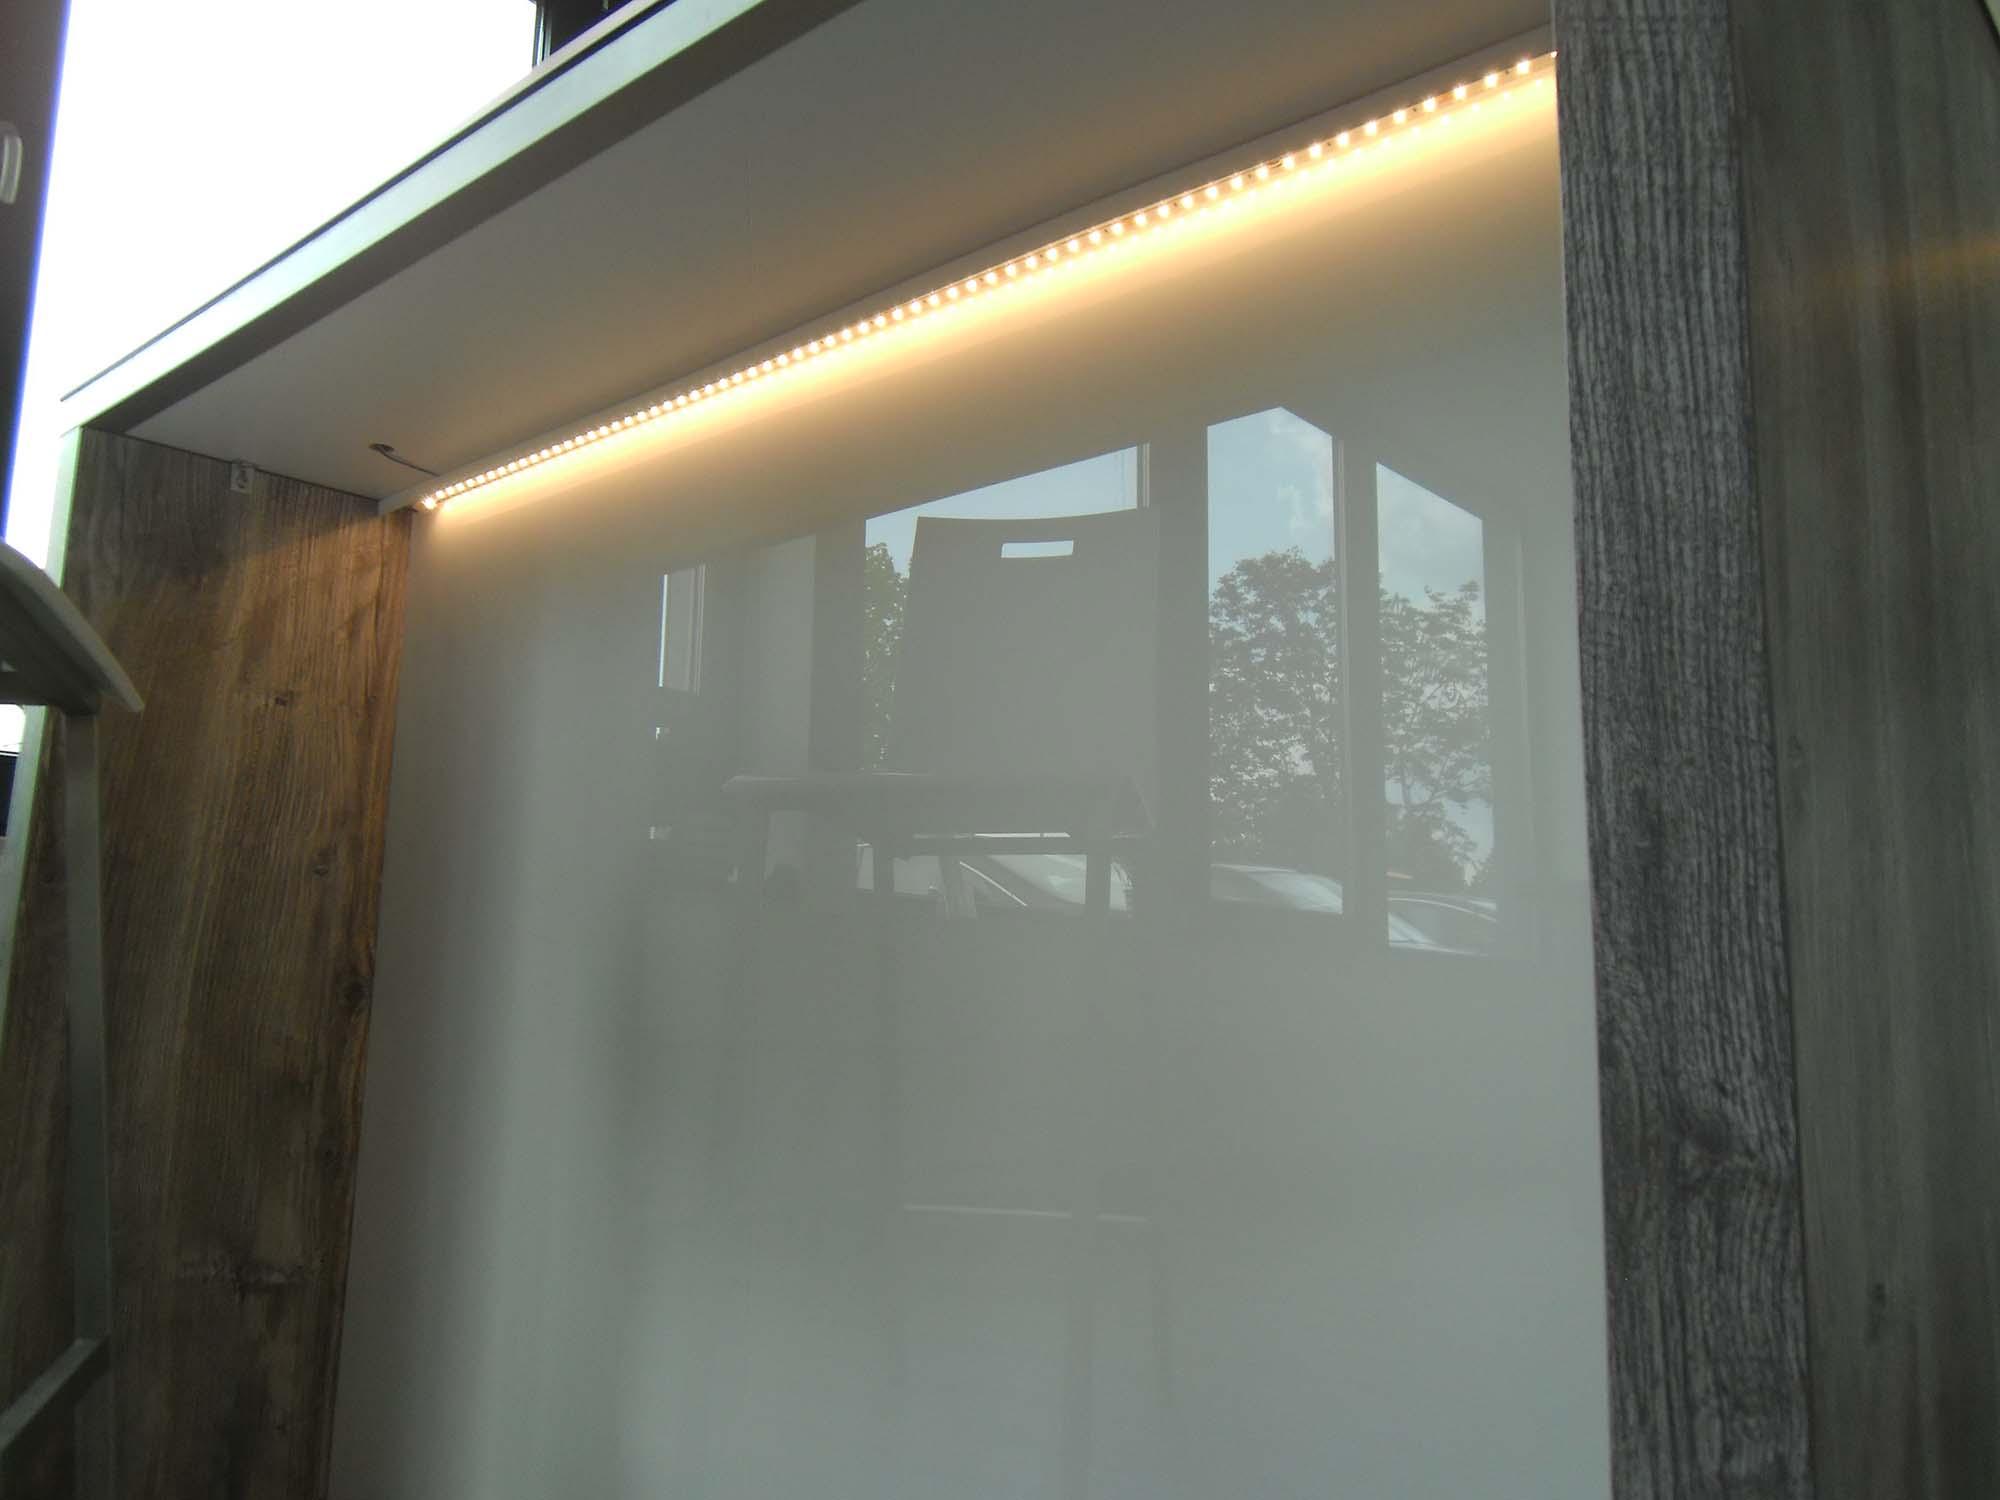 Rückwandverkleidung aus Glas mit LED-Nischenbeleuchtung